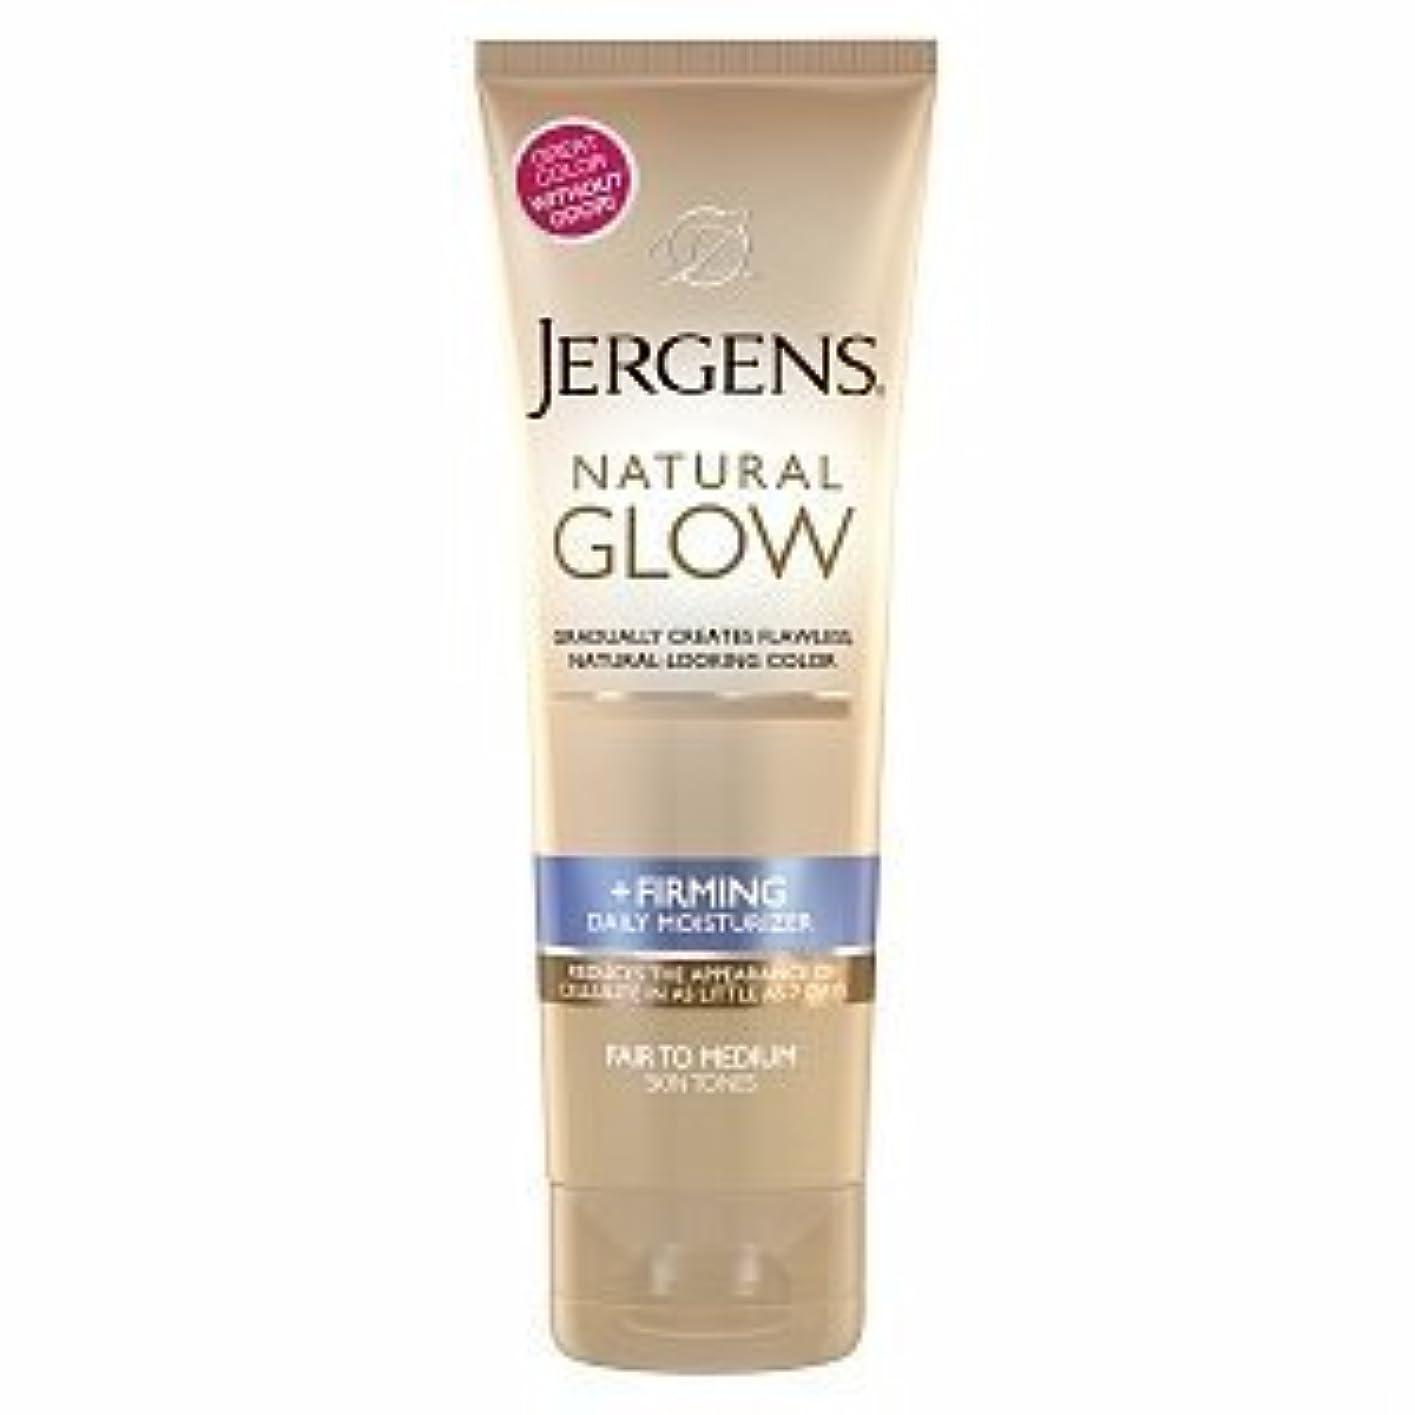 レクリエーション中絶スリチンモイNatural Glow Firming Daily Moisturizer, Fair to Medium Skin Tone 7.5 fl oz (221 ml) (海外直送品)